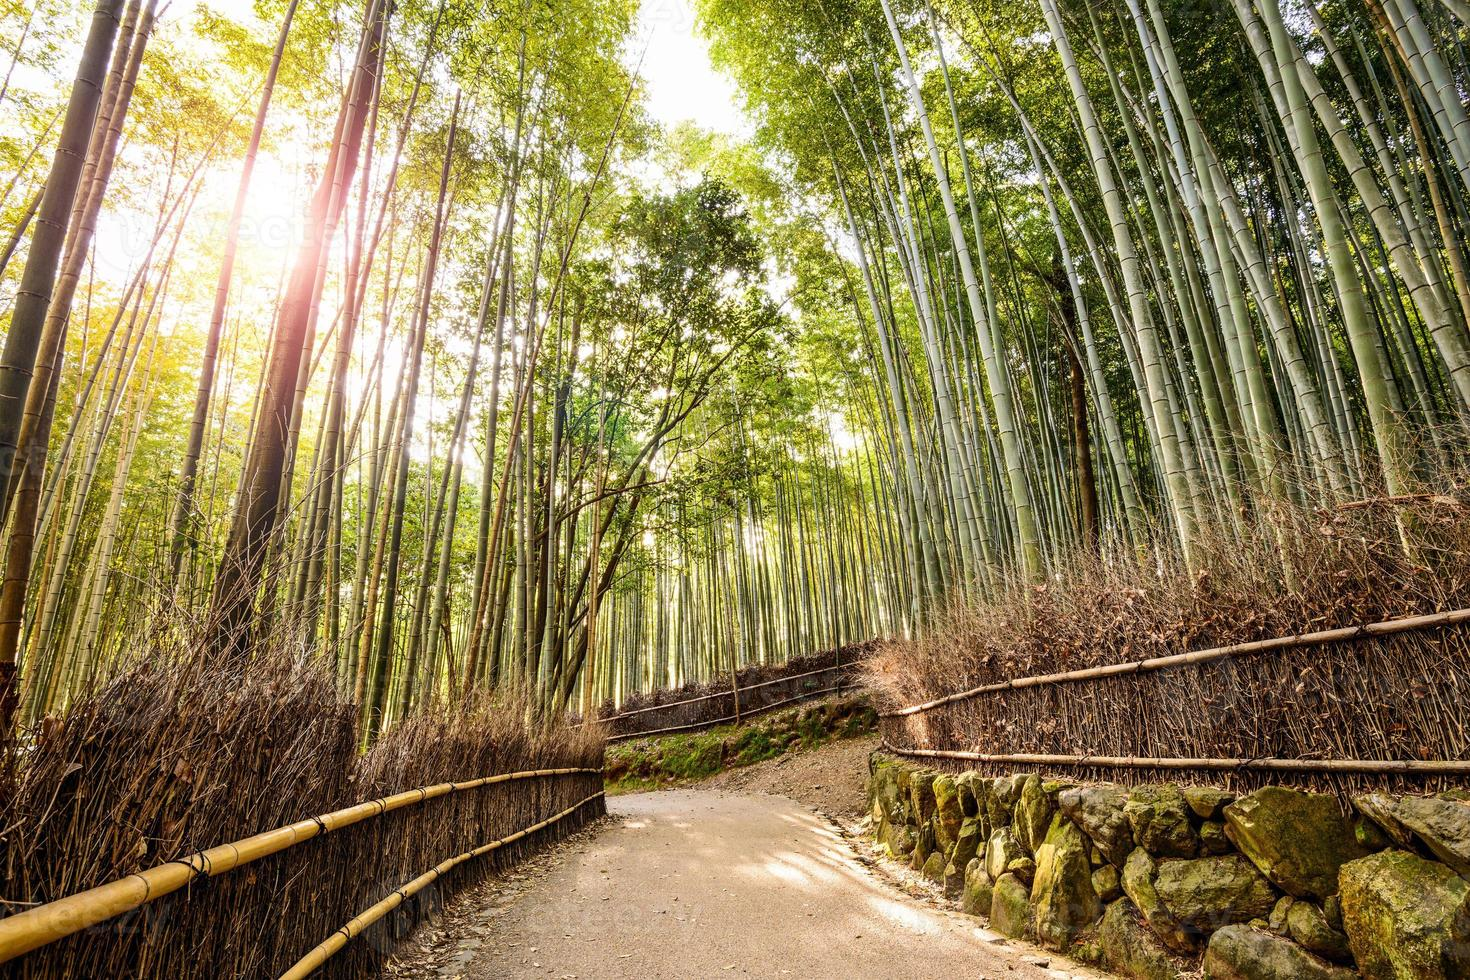 bosque de bambú foto